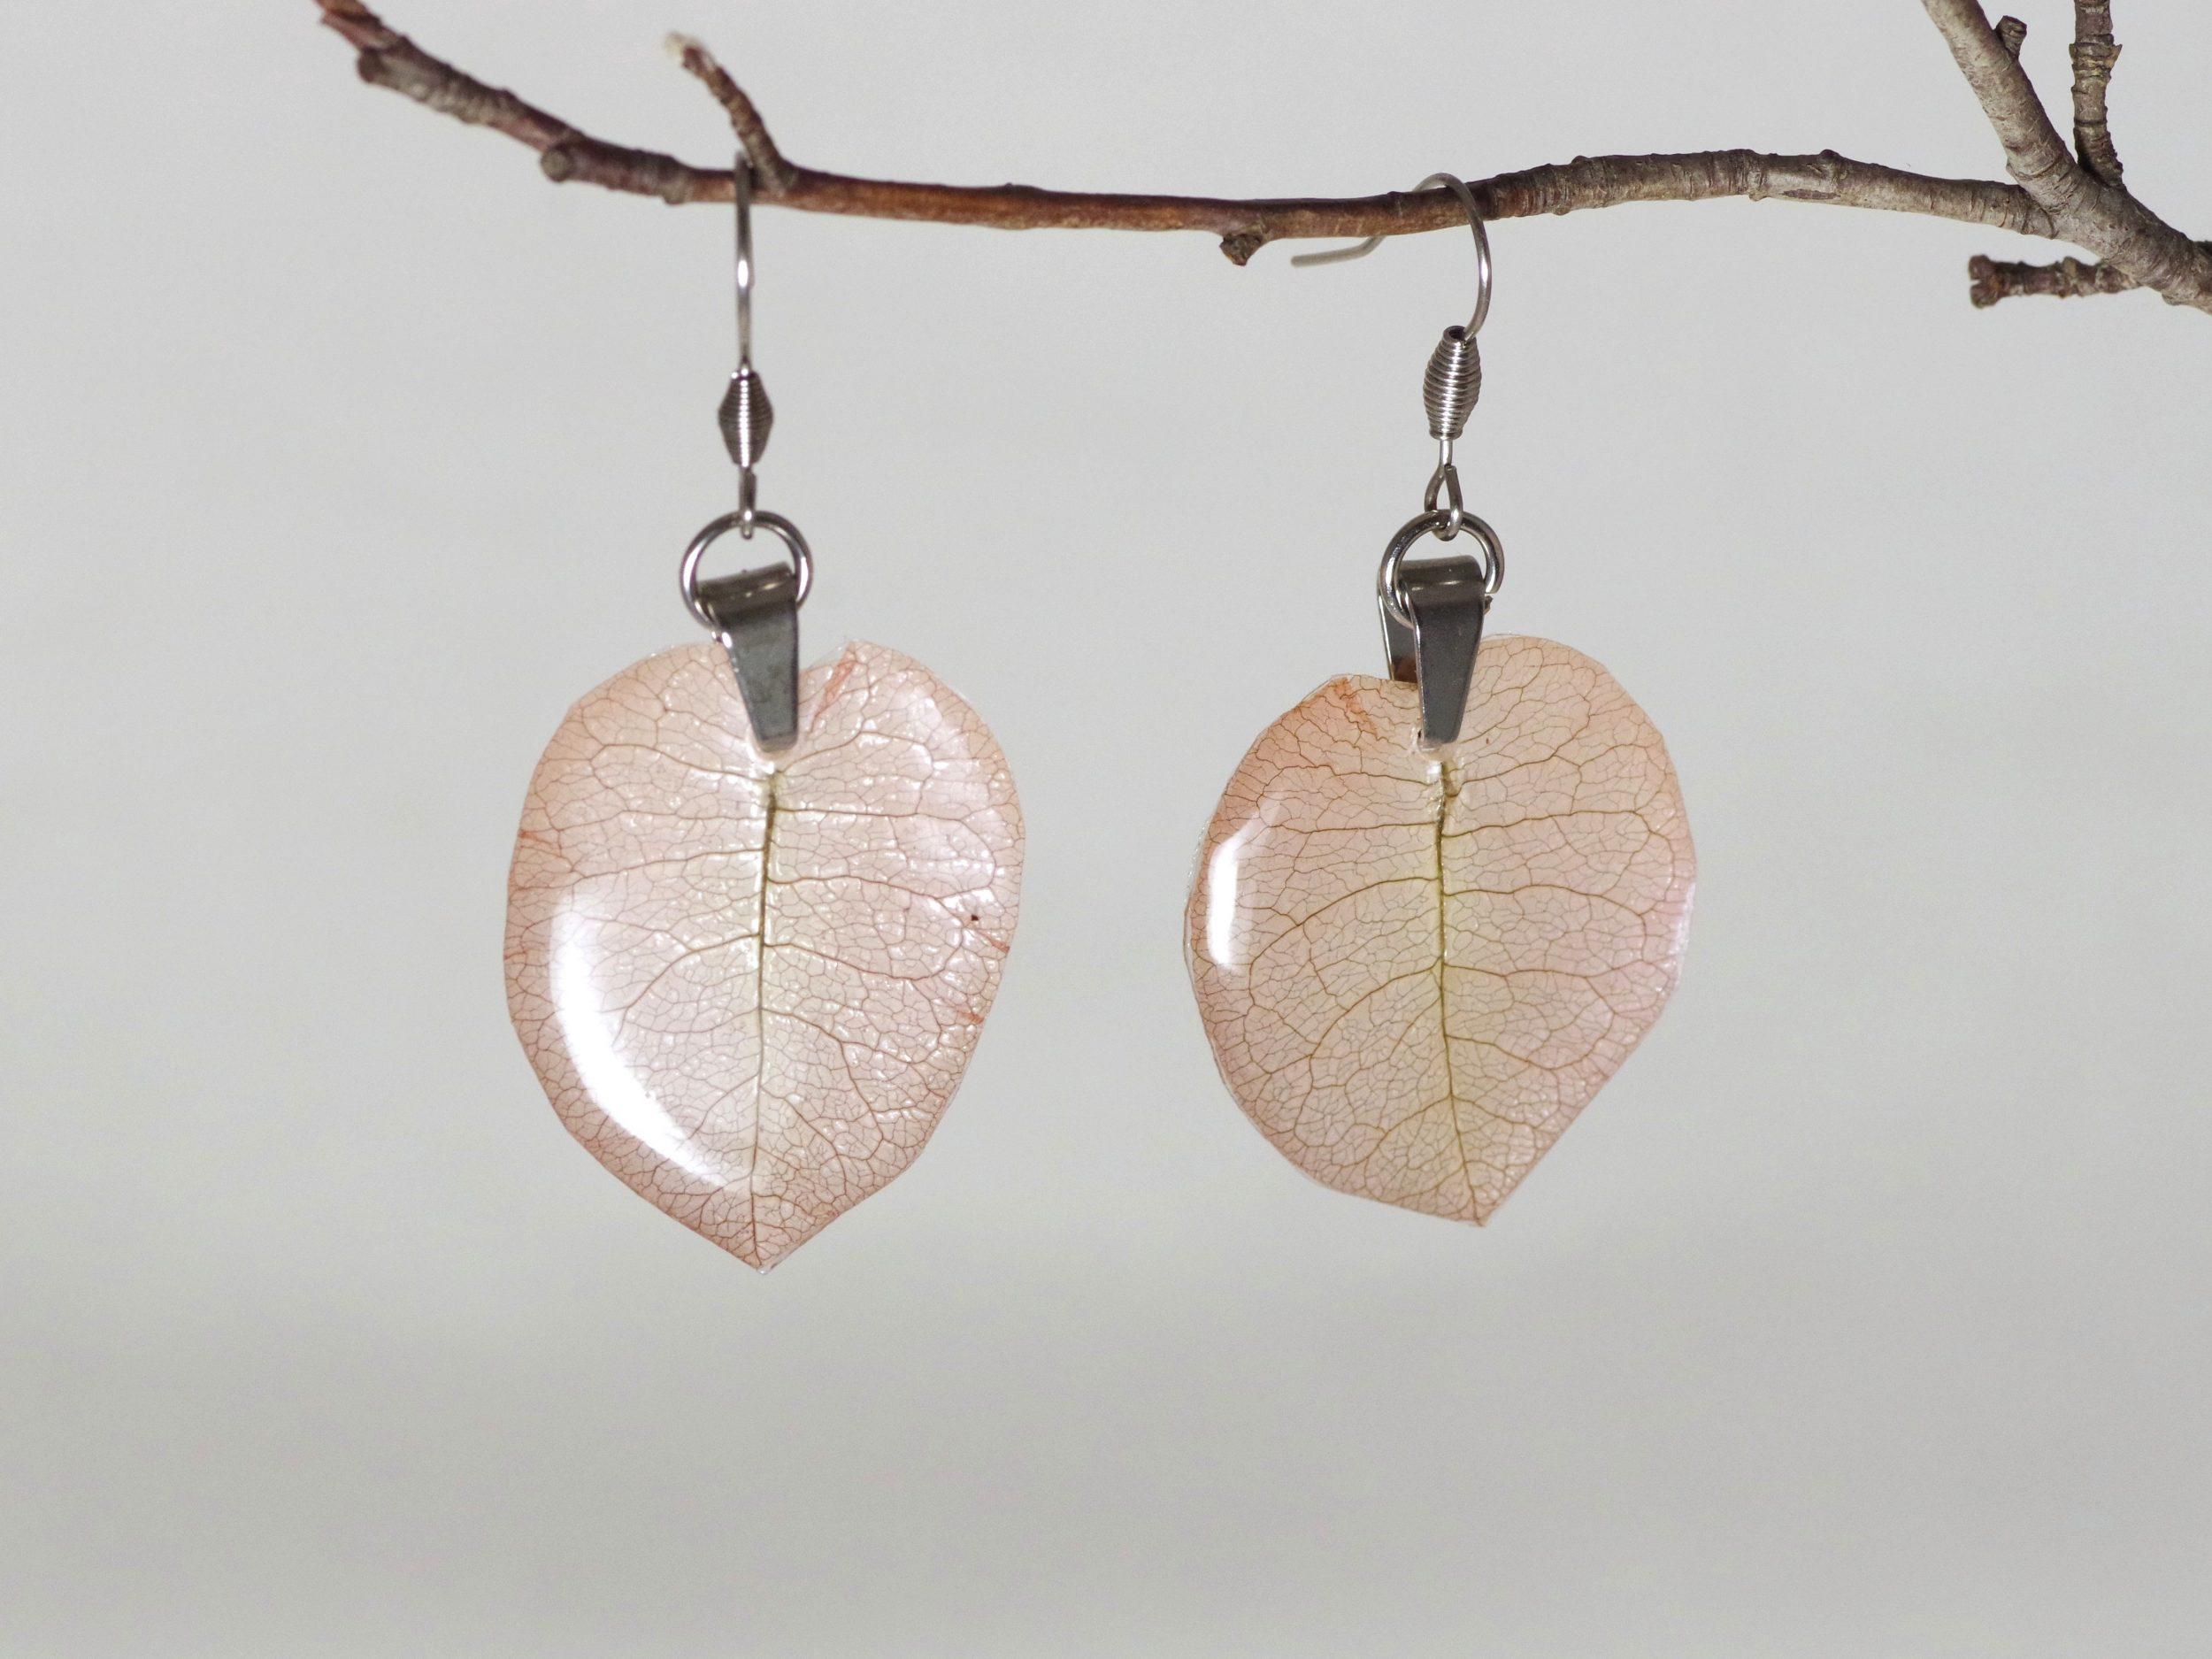 boucles d'oreilles végétales : délicates bougainvillées beige rosé avec un joli réeseau de nervures